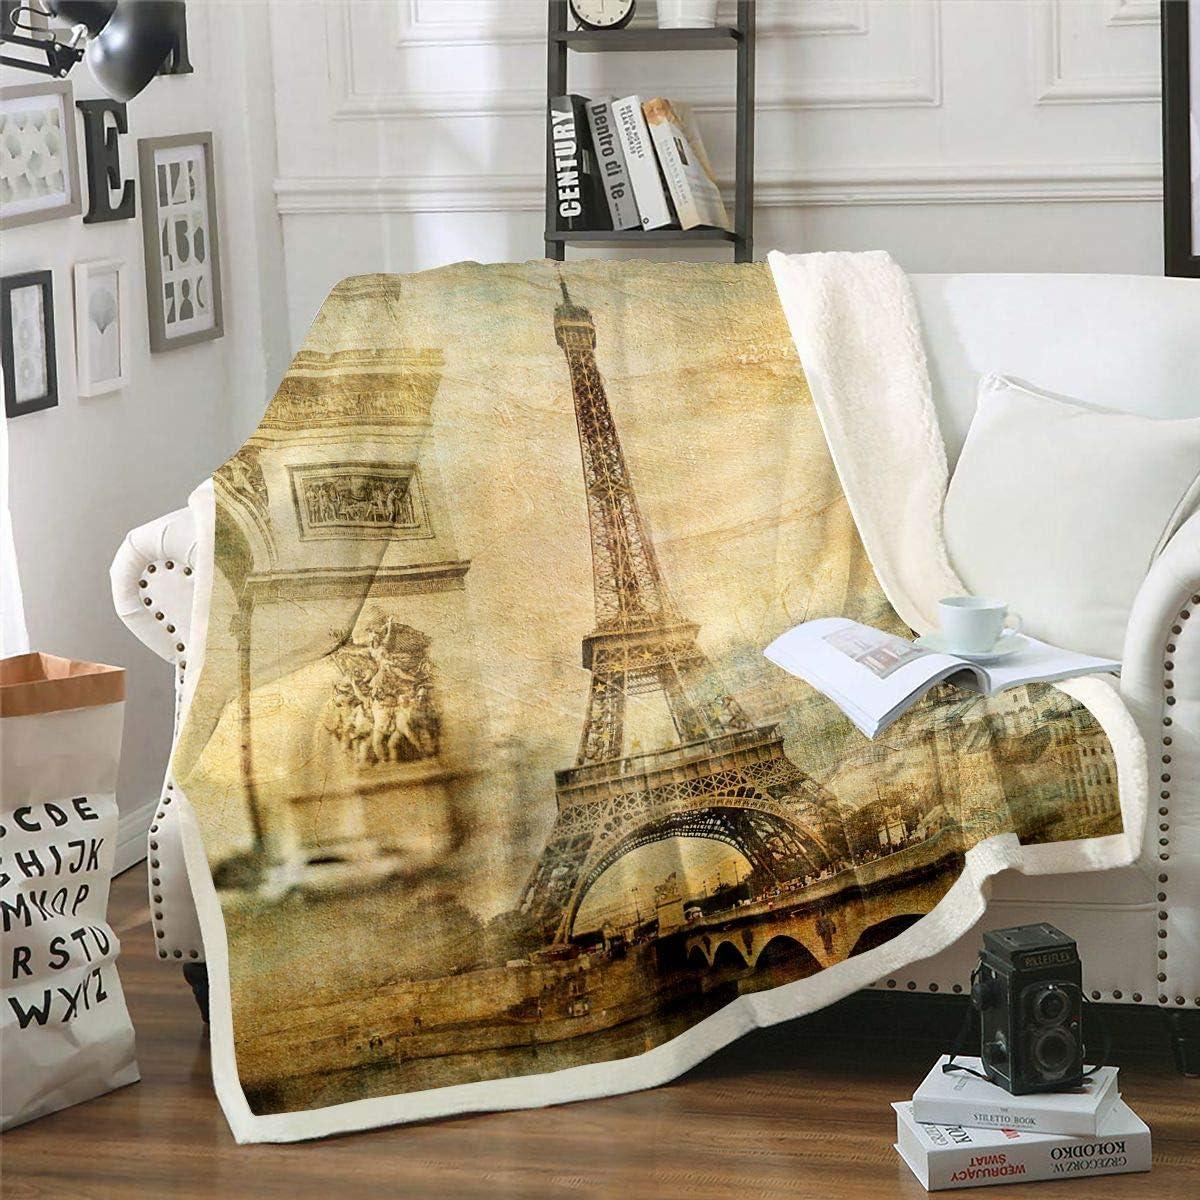 Manta de forro polar con diseño de Torre Eiffel para sofá cama París Cityscape Manta de felpa moderna de estilo francés de París estilo sherpa retro estilo vintage individual 126 x 152 cm